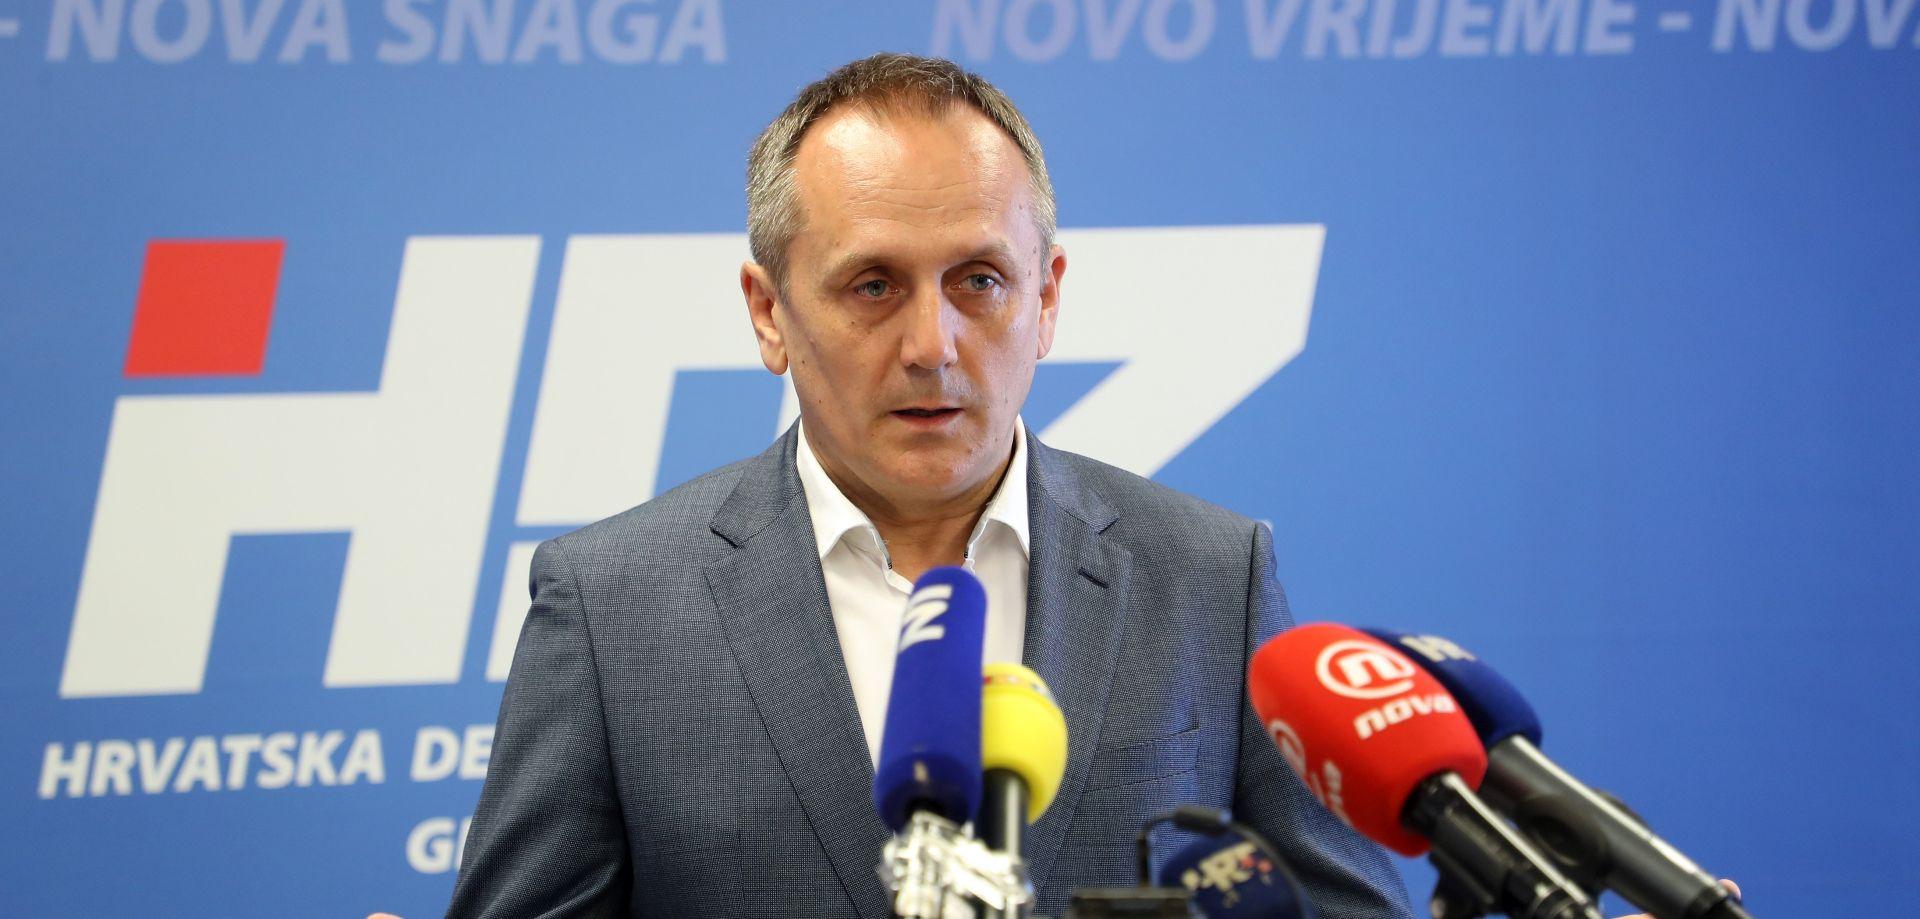 PRGOMET 'HDZ će biti najjača stranka u Gradskoj skupštini'